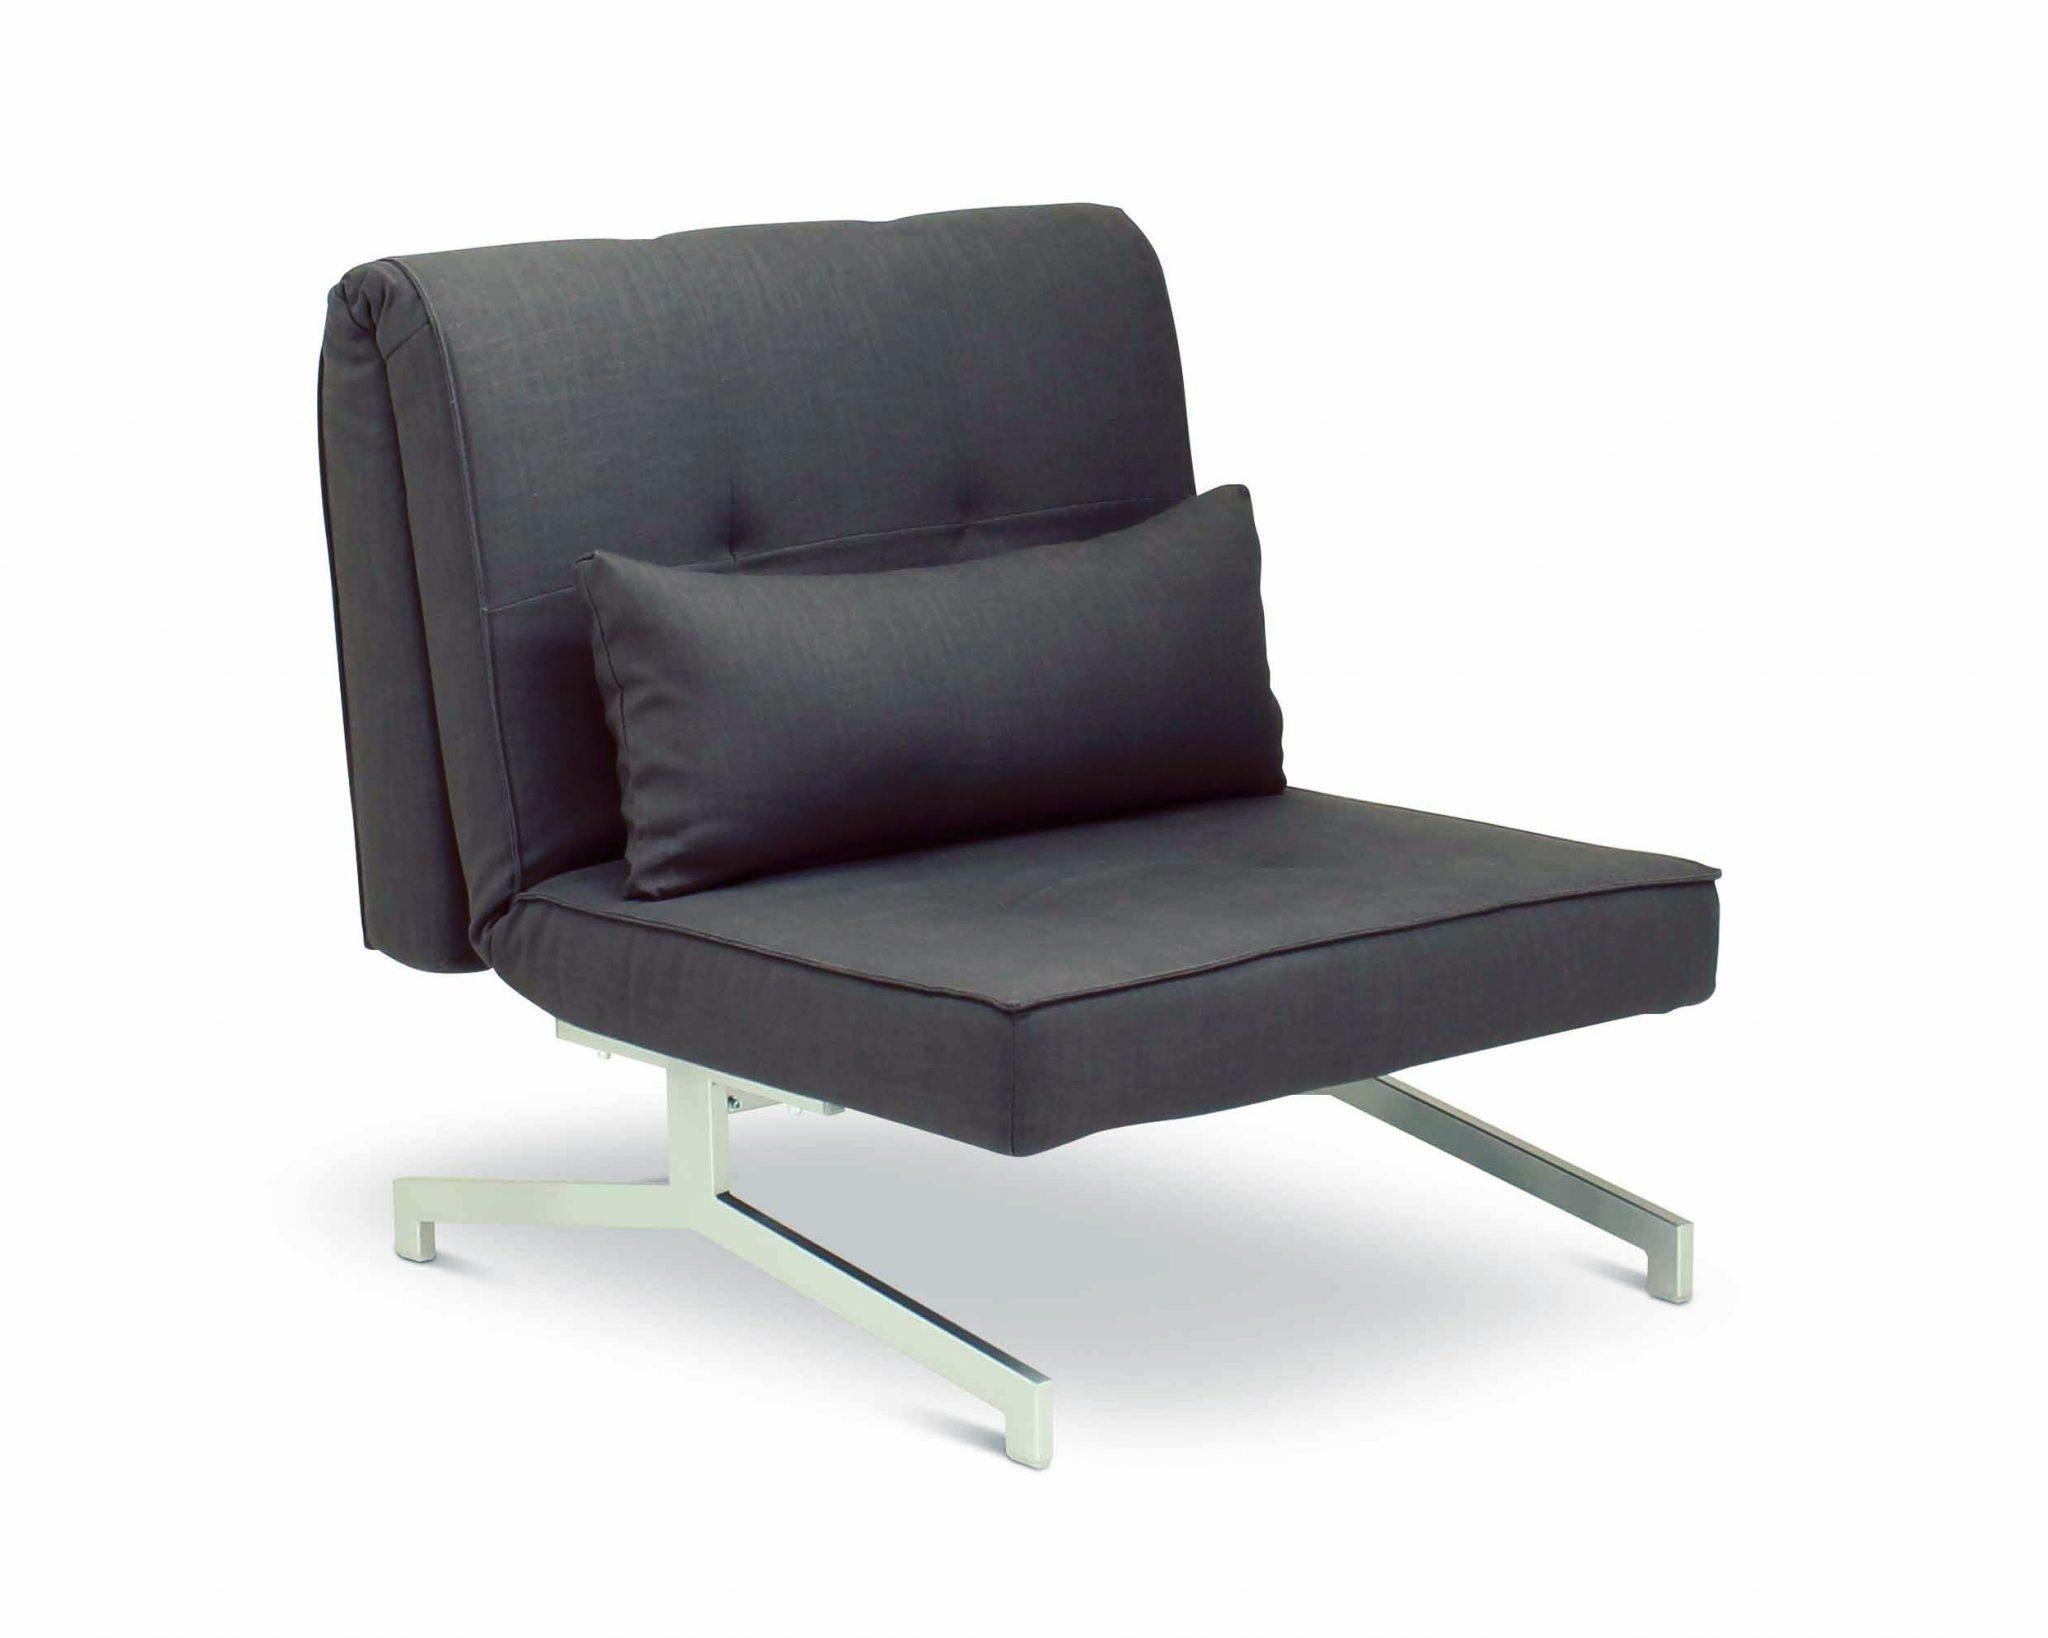 2019 Latest Ikea Single Sofa Beds  Sofa Ideas